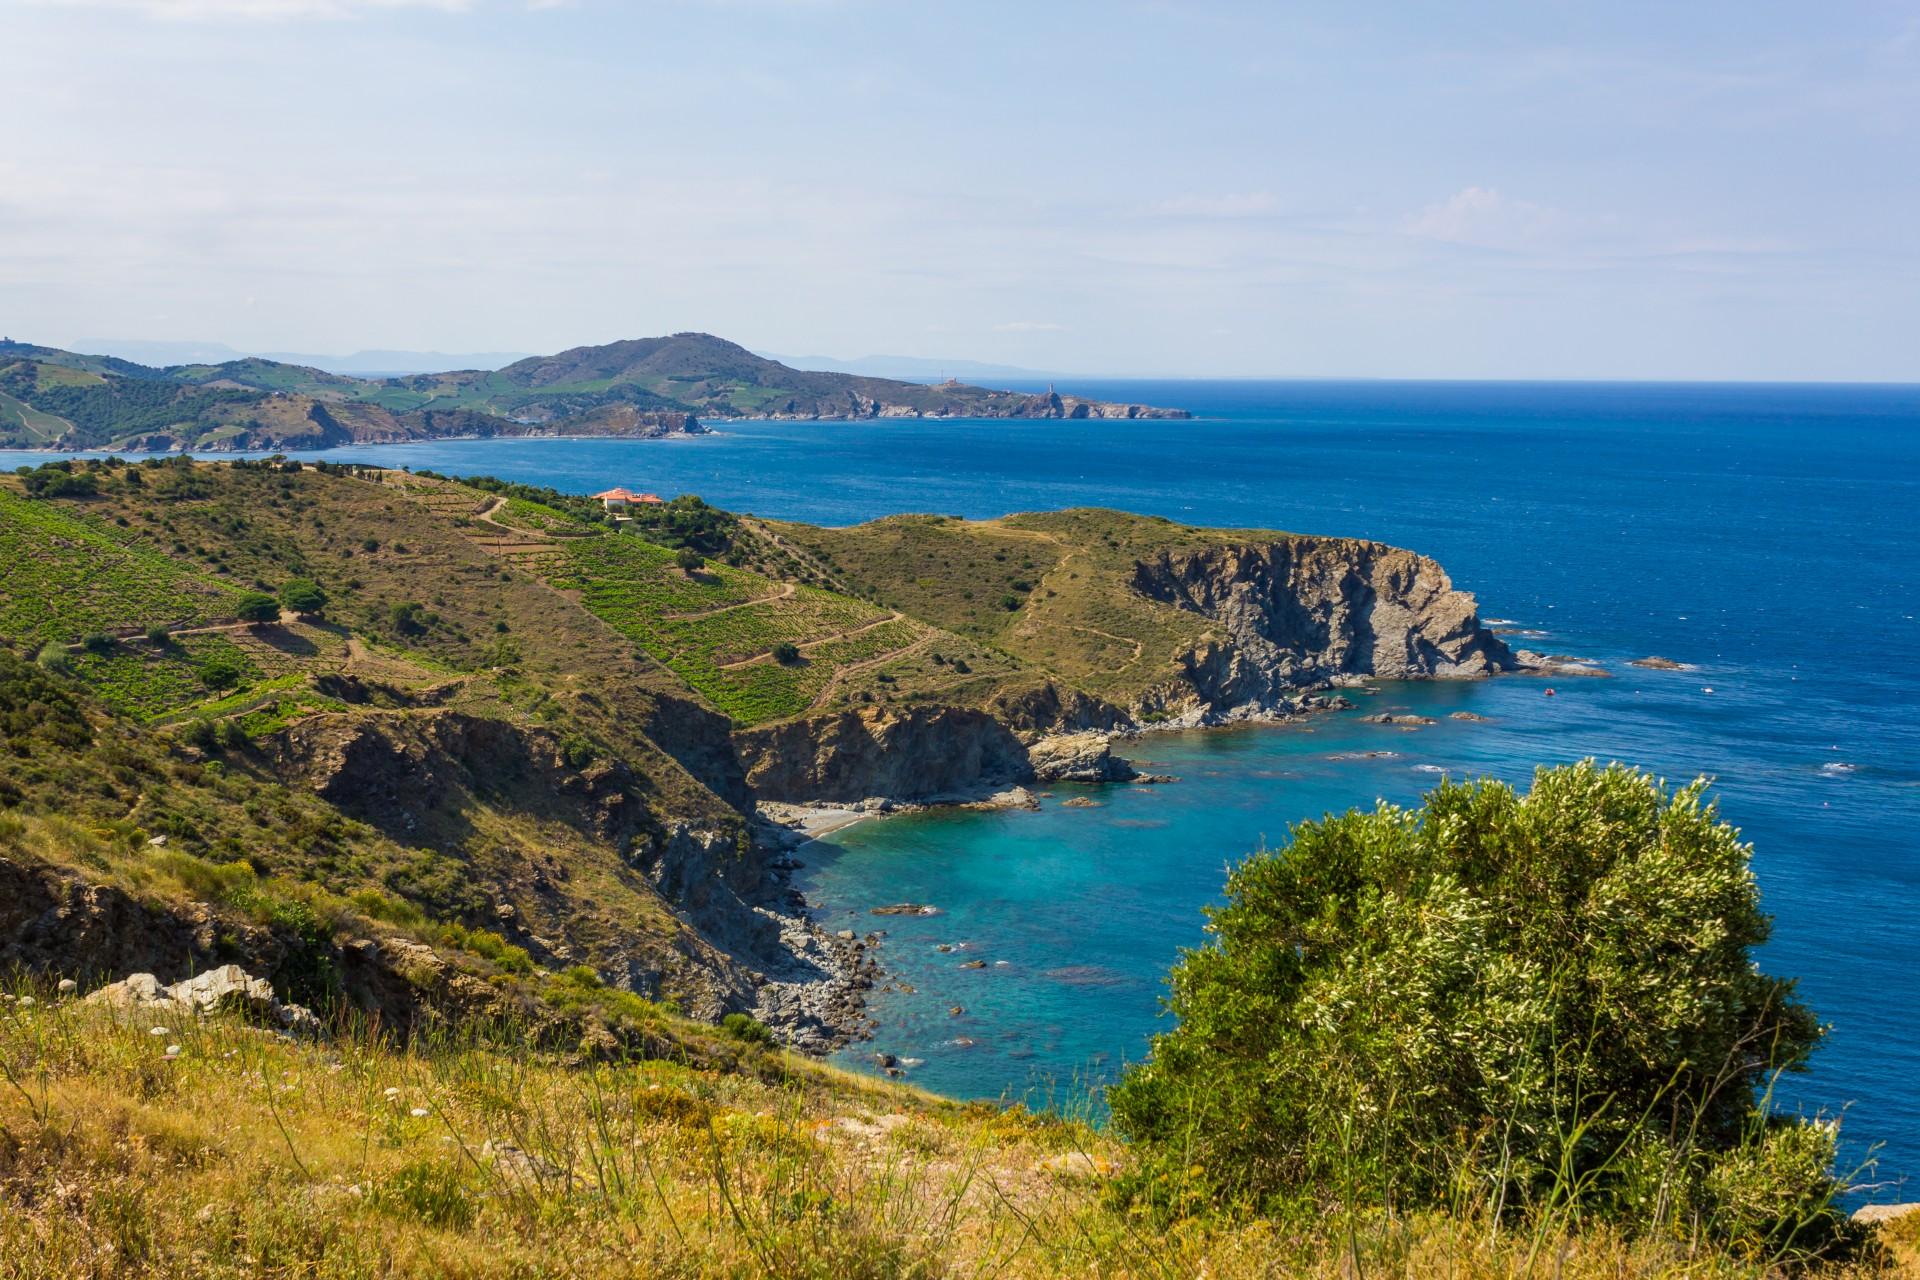 Paulilles-visite-le-dauphin-camping-argeles-05-1024x683